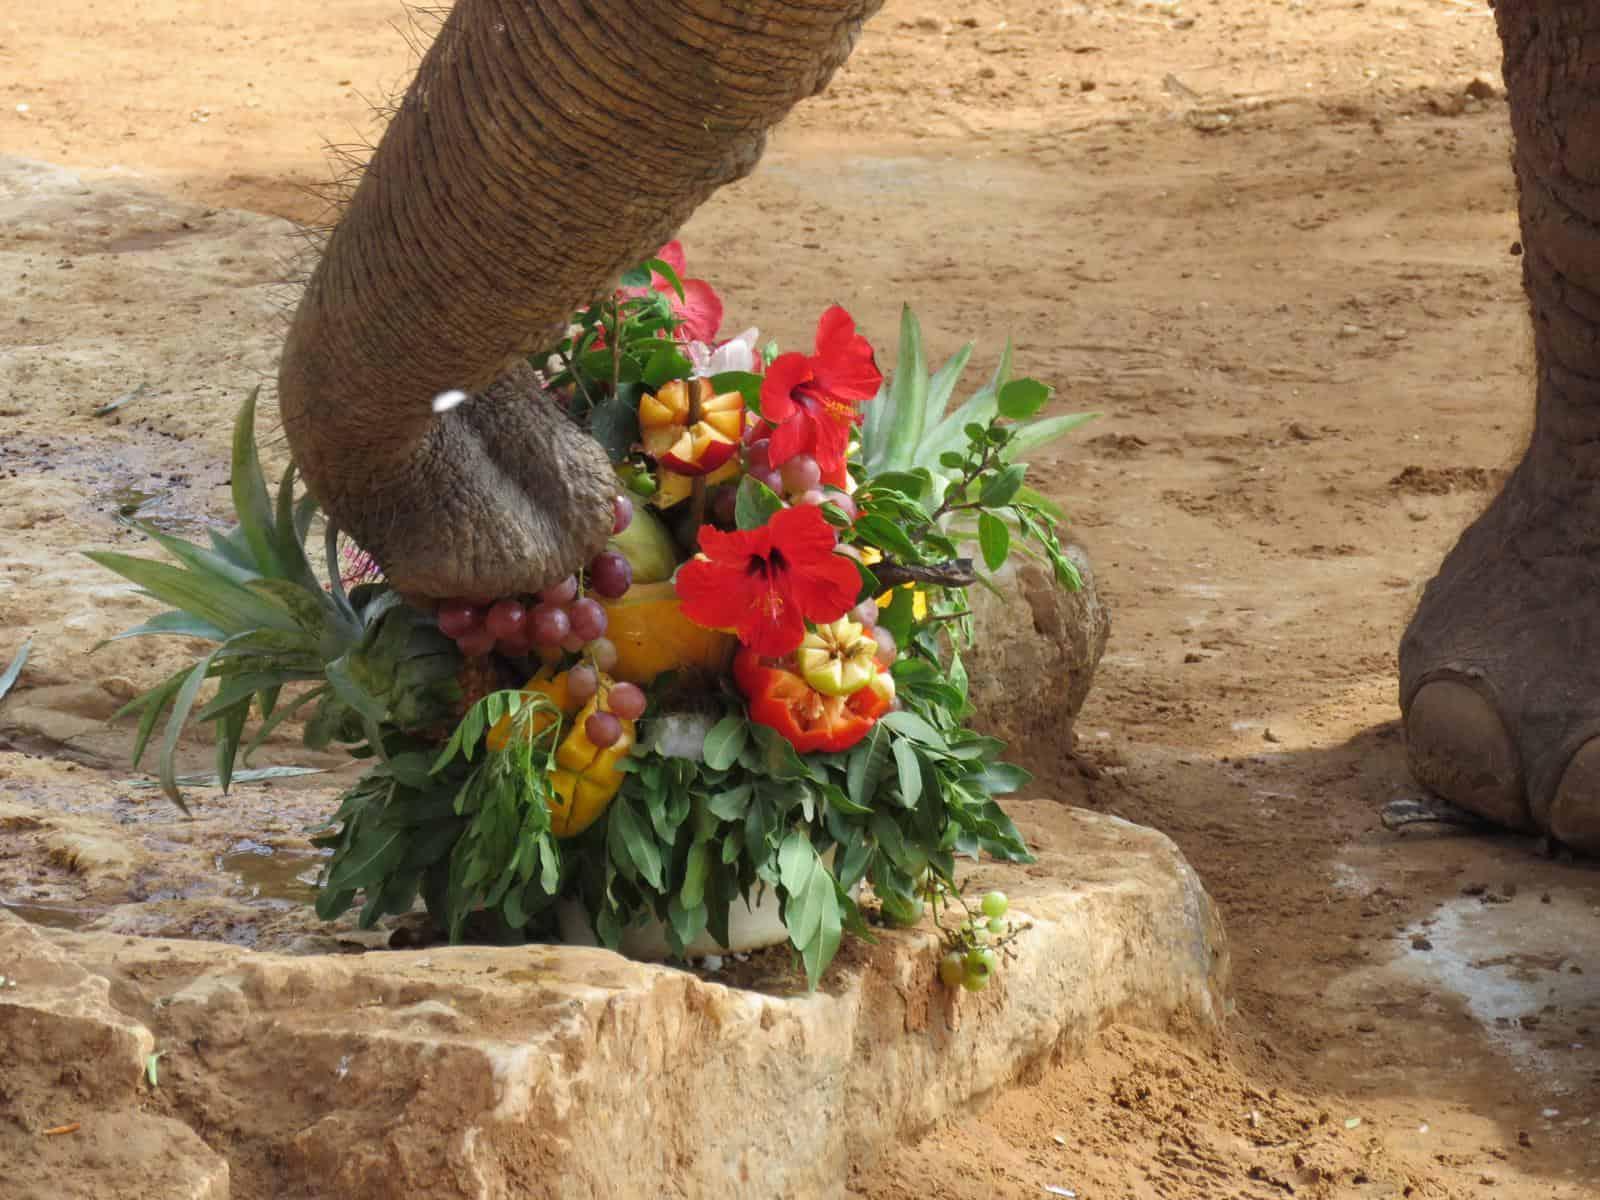 יוסי הפיל בן 46 ספארי. צילום נועה טולדנו